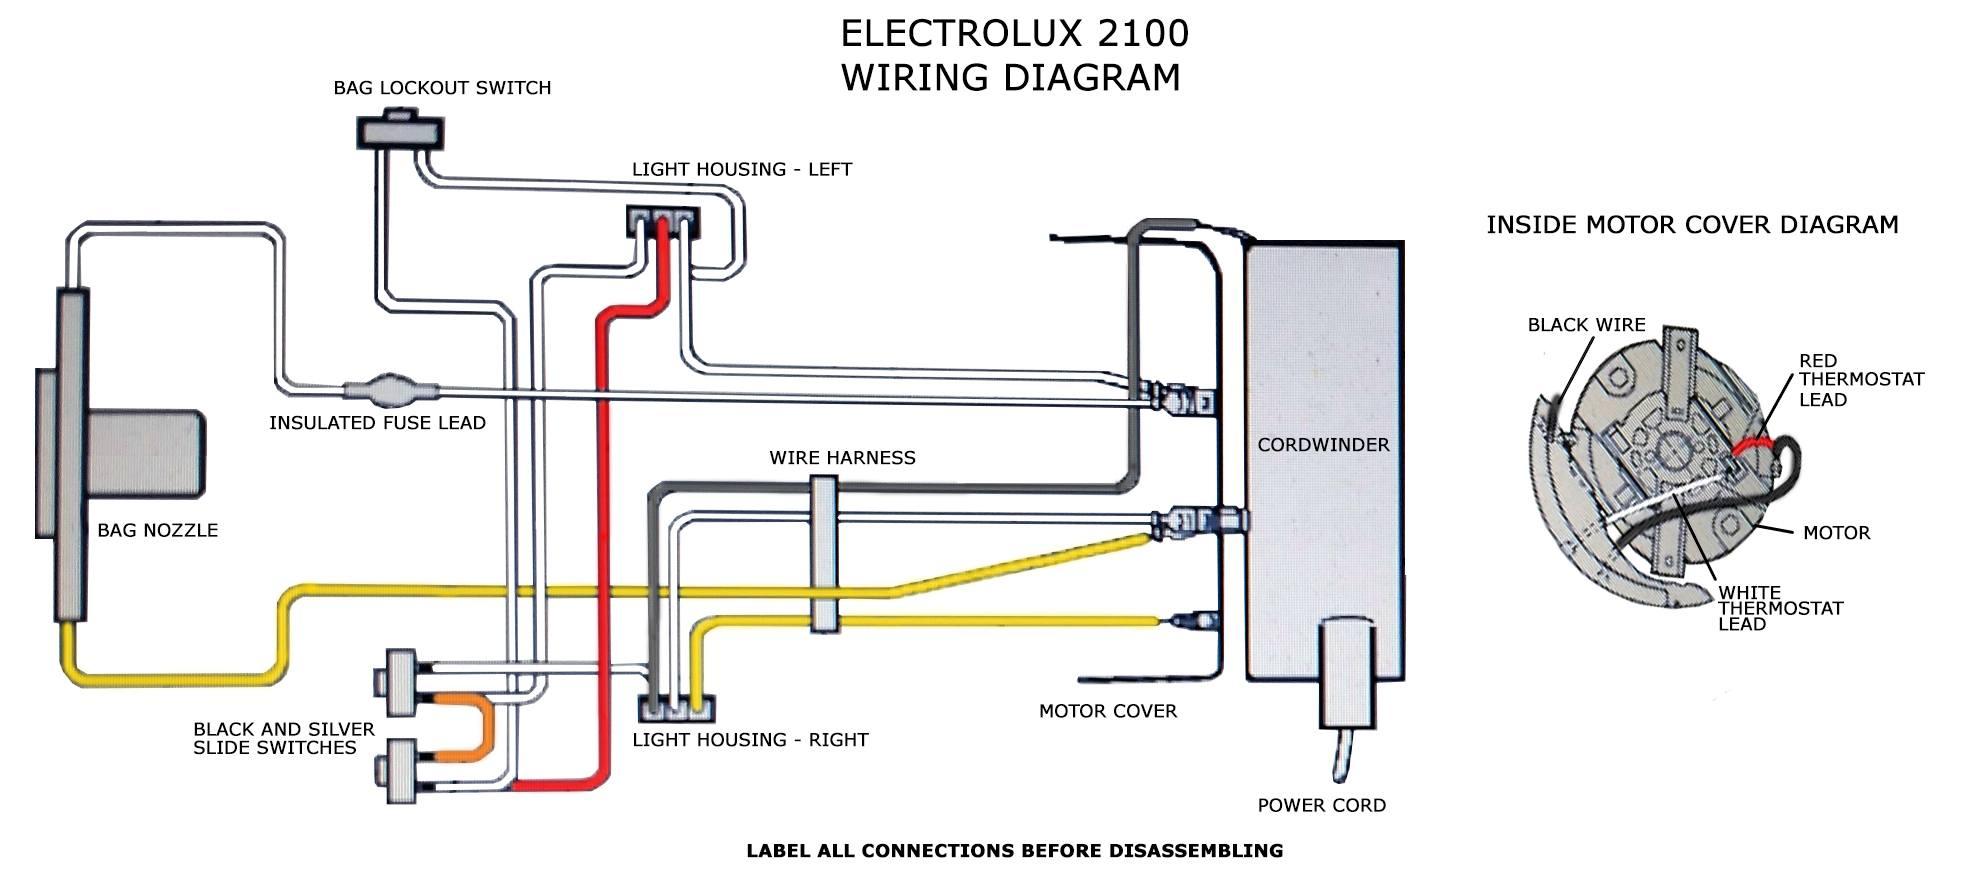 electrolux vacuum wiring diagrams basic electronics wiring diagram  electrolux vacuum wiring diagram wiring diagramelectrolux vacuum wiring diagram downloadelectrolux vacuum wiring diagram download